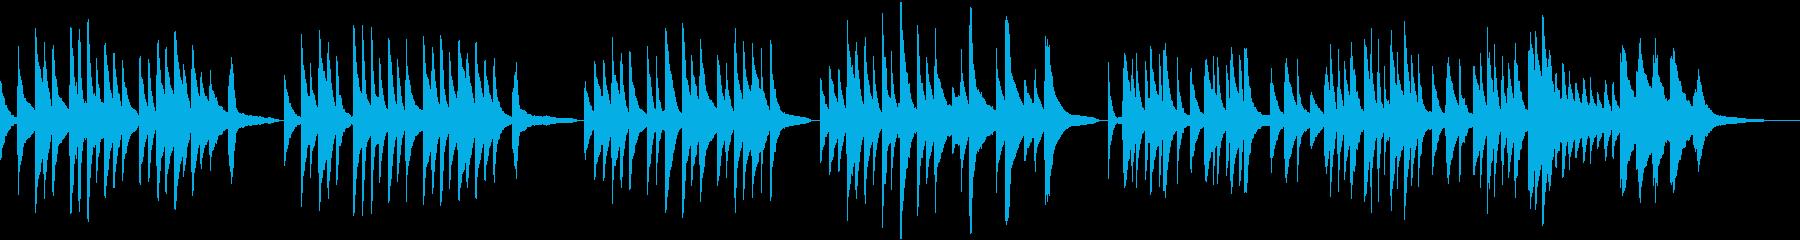 ソルヴェイグの歌【しっとりピアノ版】の再生済みの波形